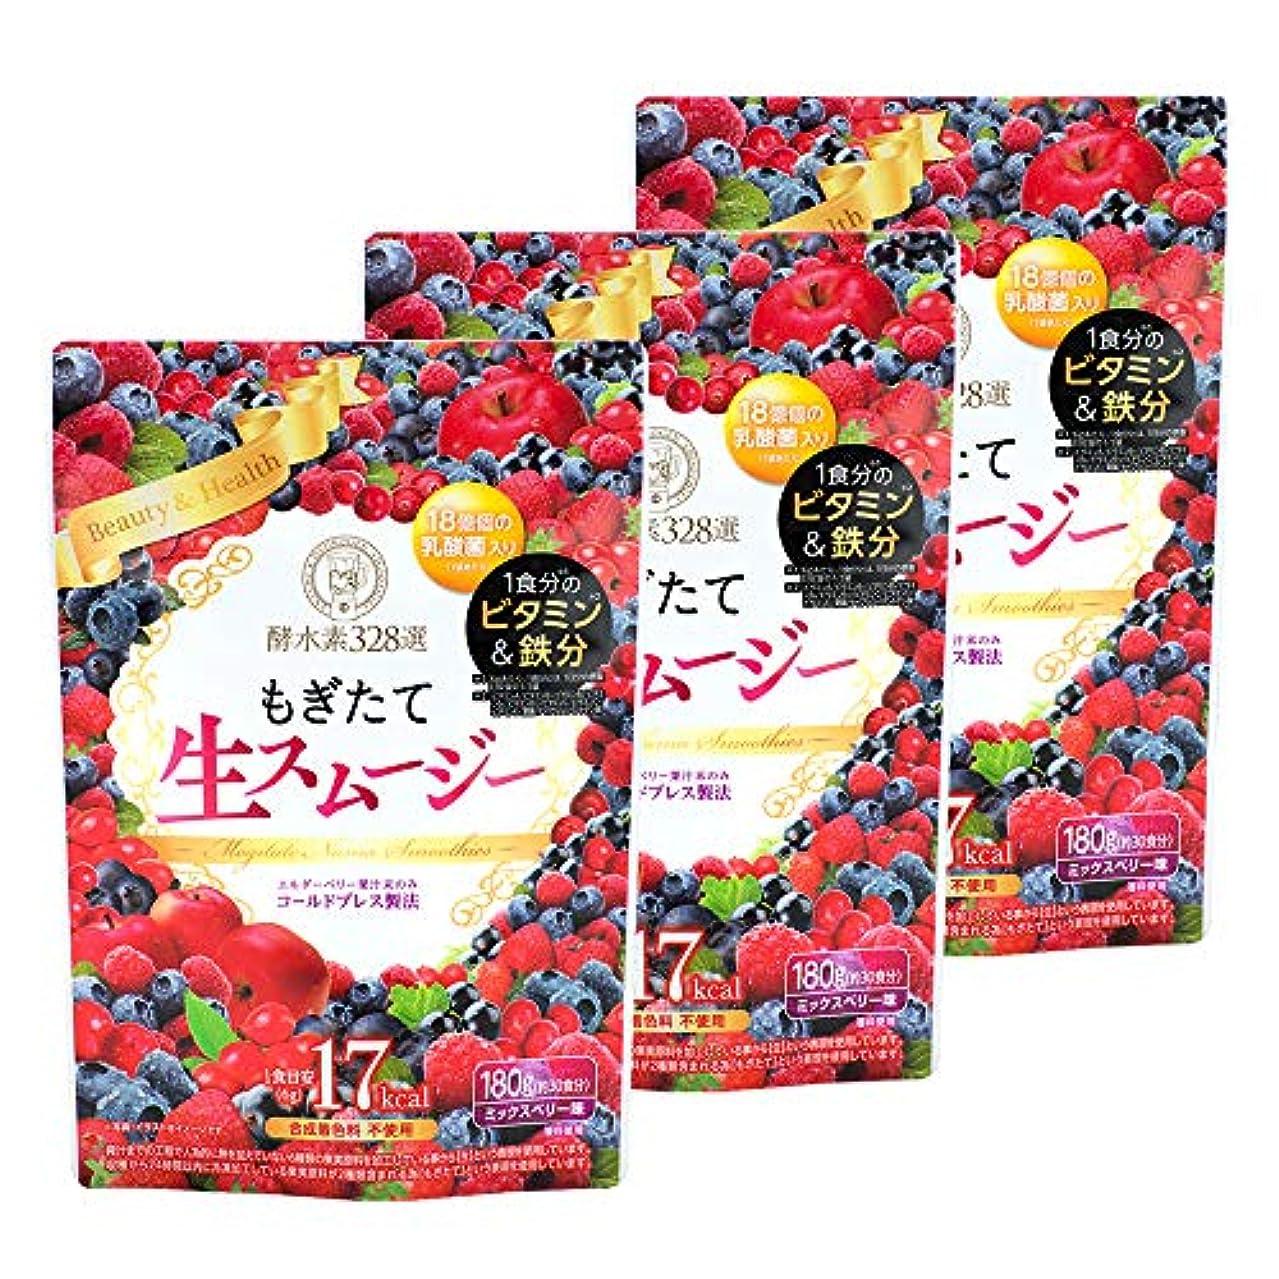 コンセンサス金銭的拷問【公式】酵水素328選 もぎたて生スムージー 3袋セット (ミックスベリー味)